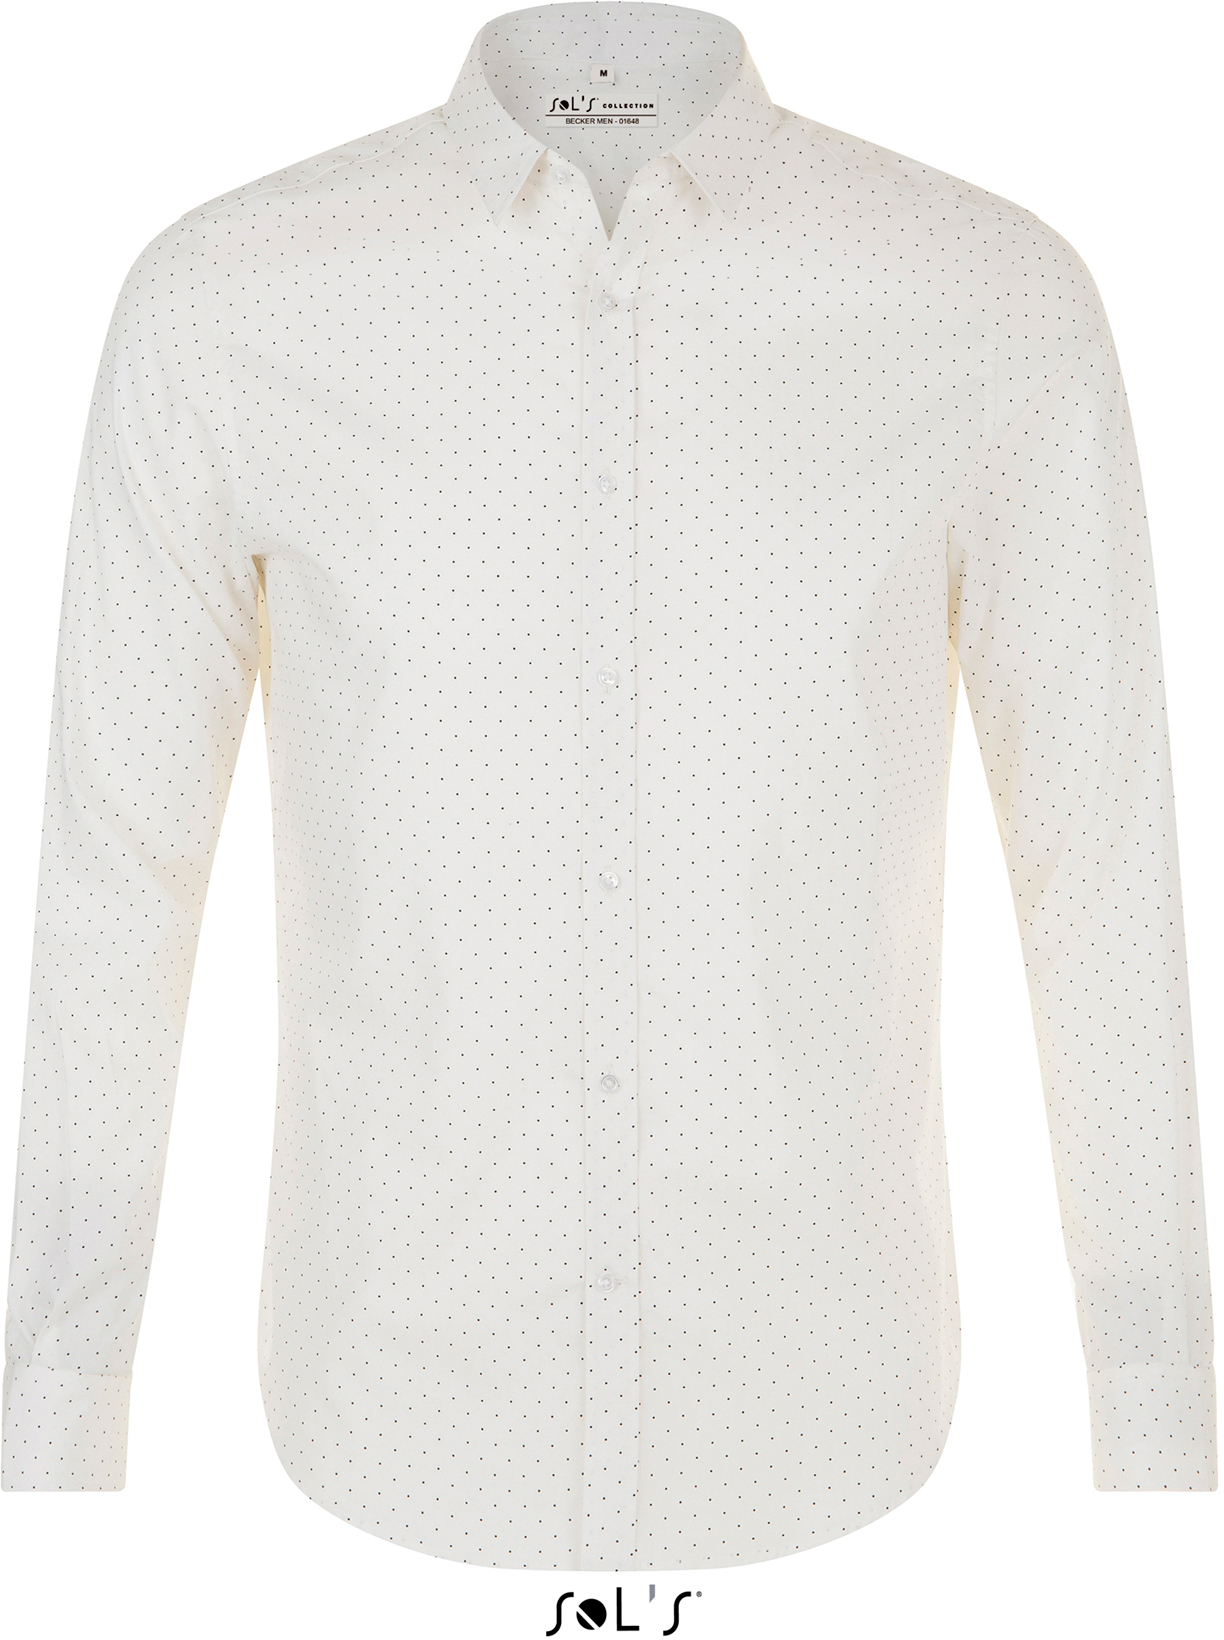 Panska popelínová košeľa s dlhým rukávom